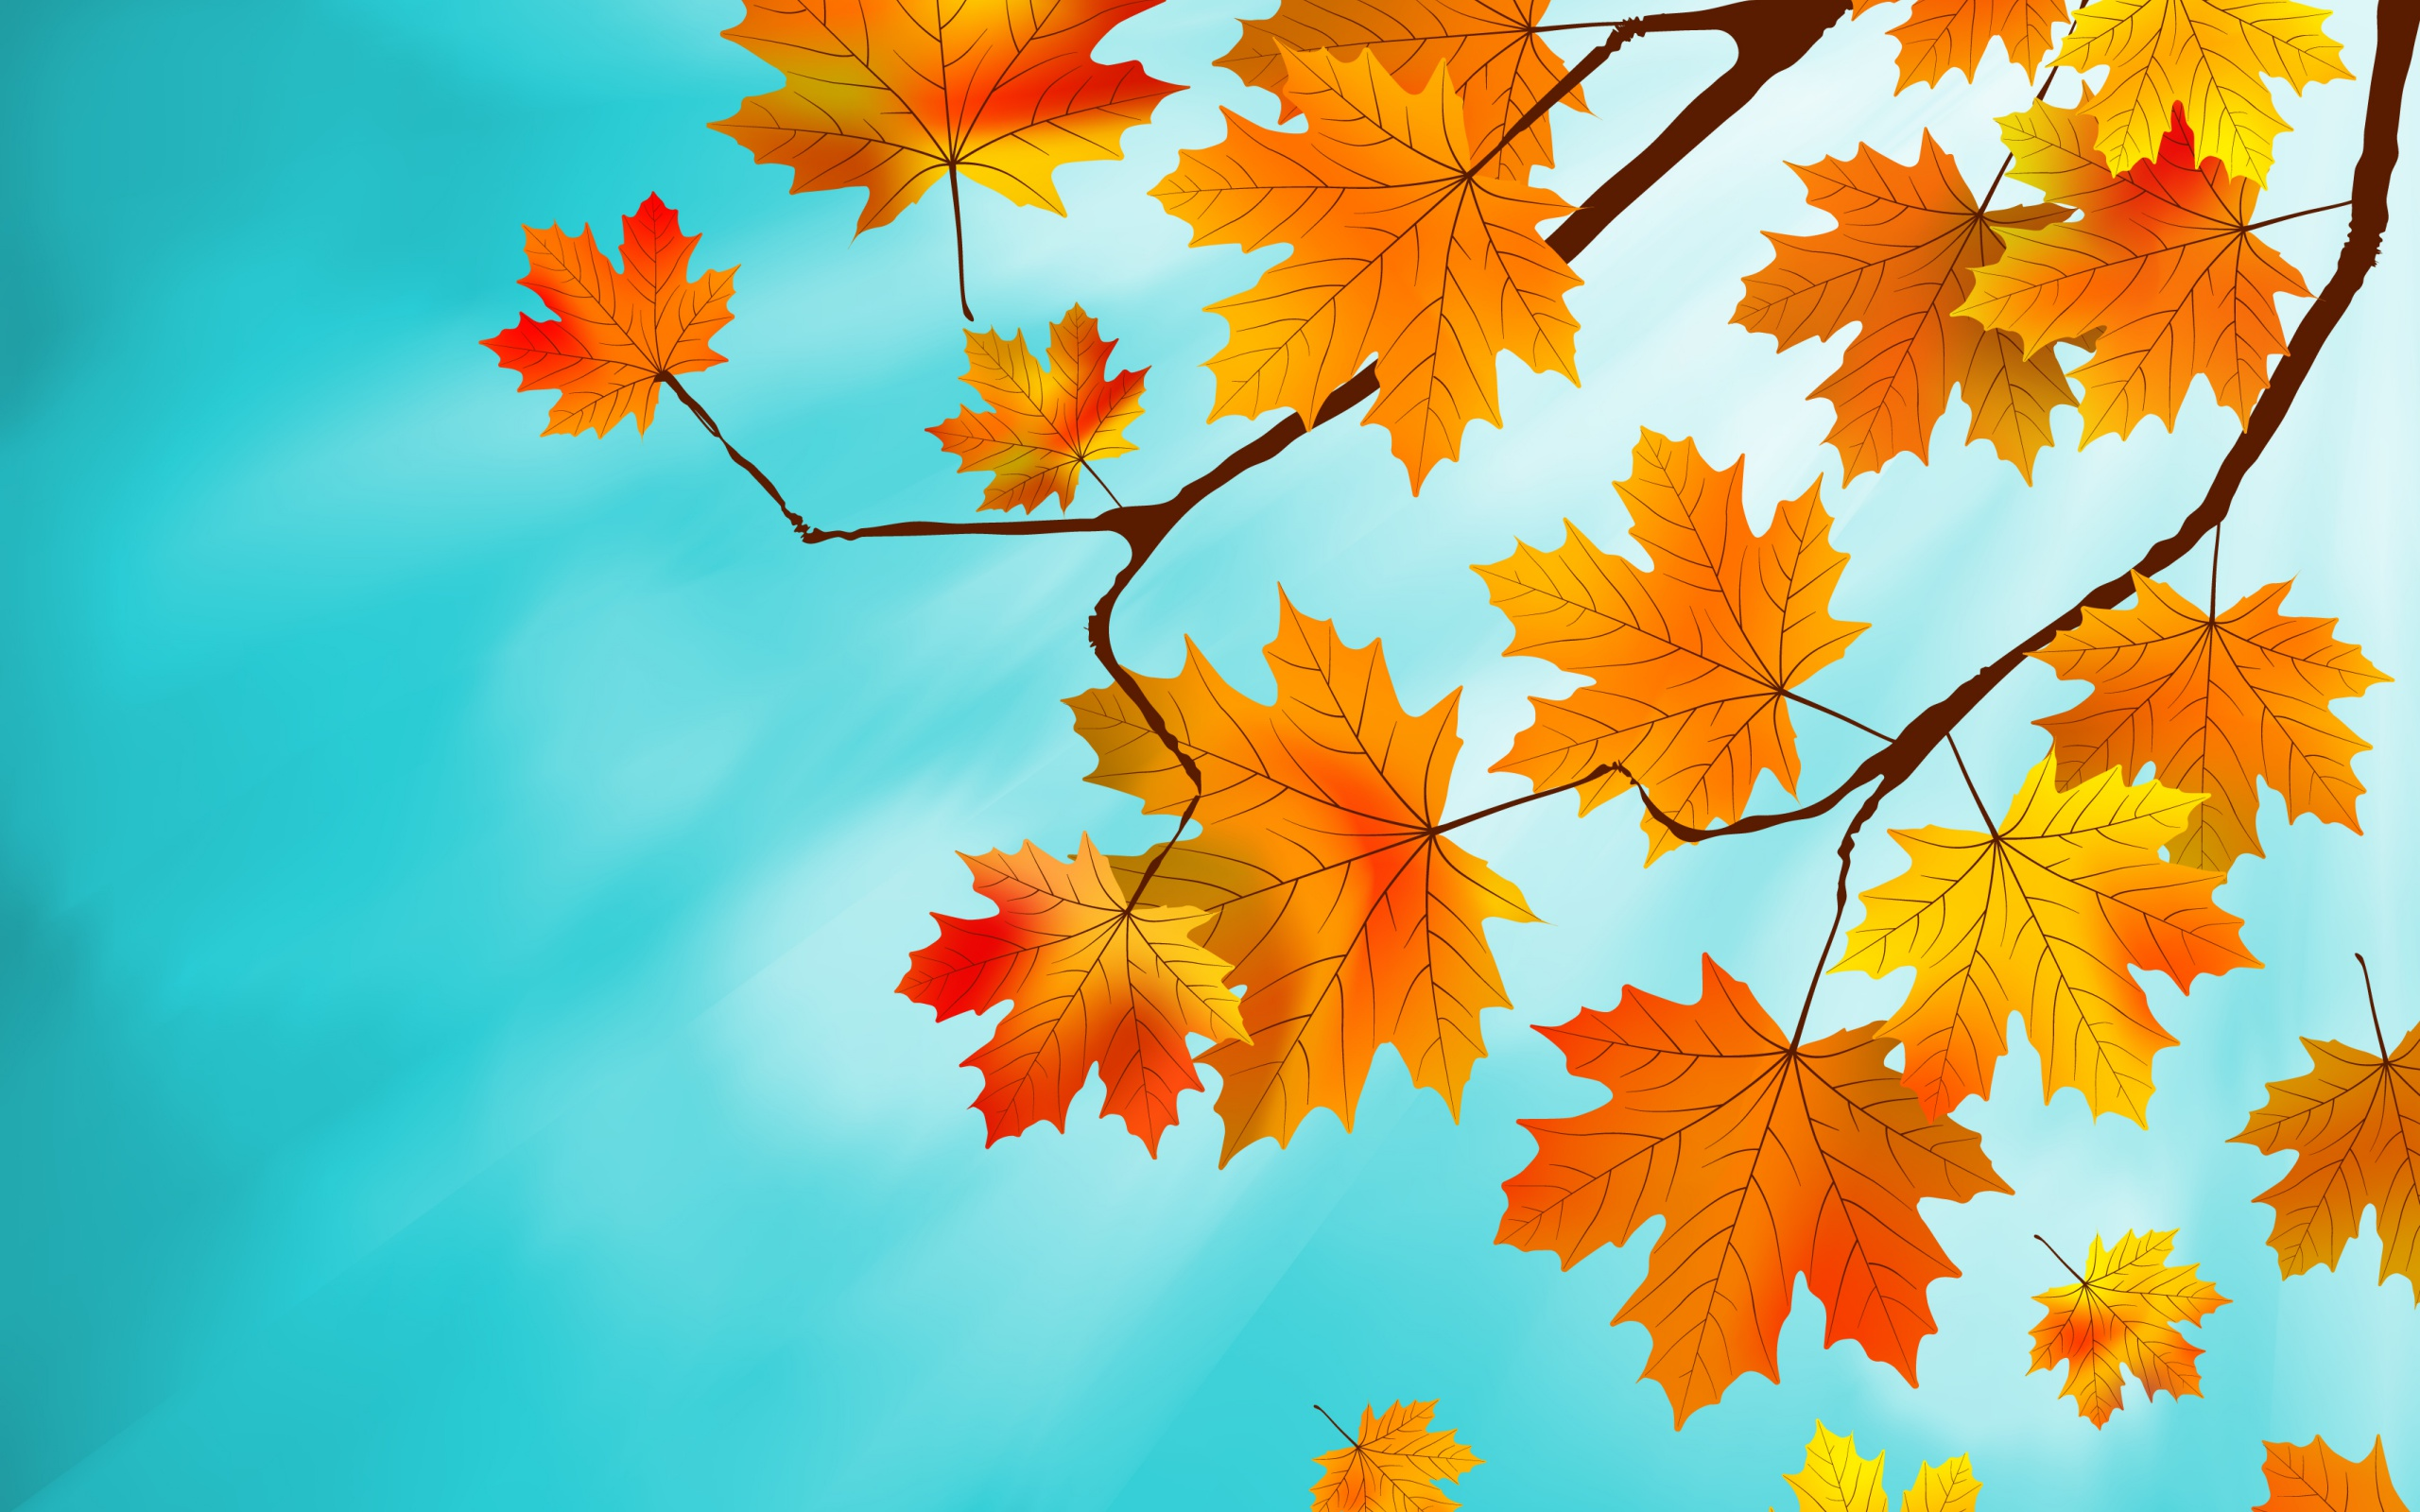 листья осенние картинки скачать